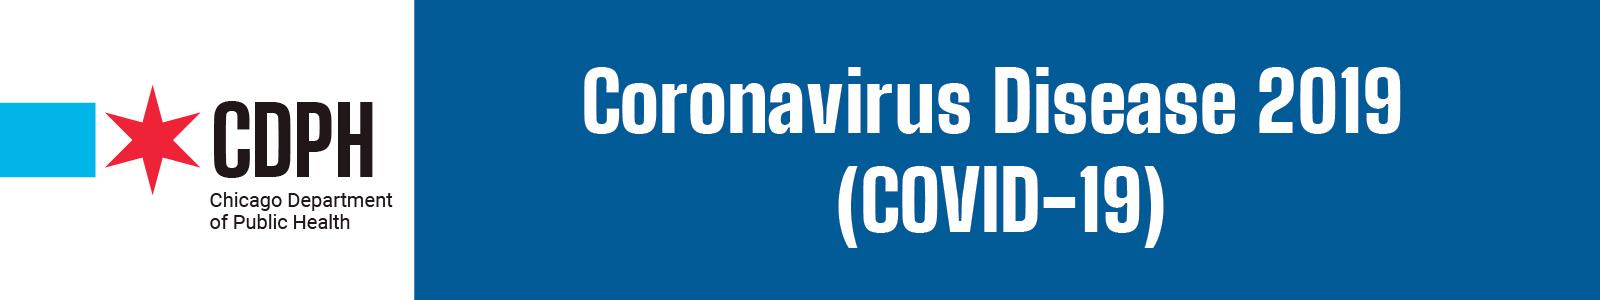 https://www.chicago.gov/content/dam/city/depts/cdph/HealthProtectionandResponse/thumbnail_Coronavirus-web-banner-2.jpg